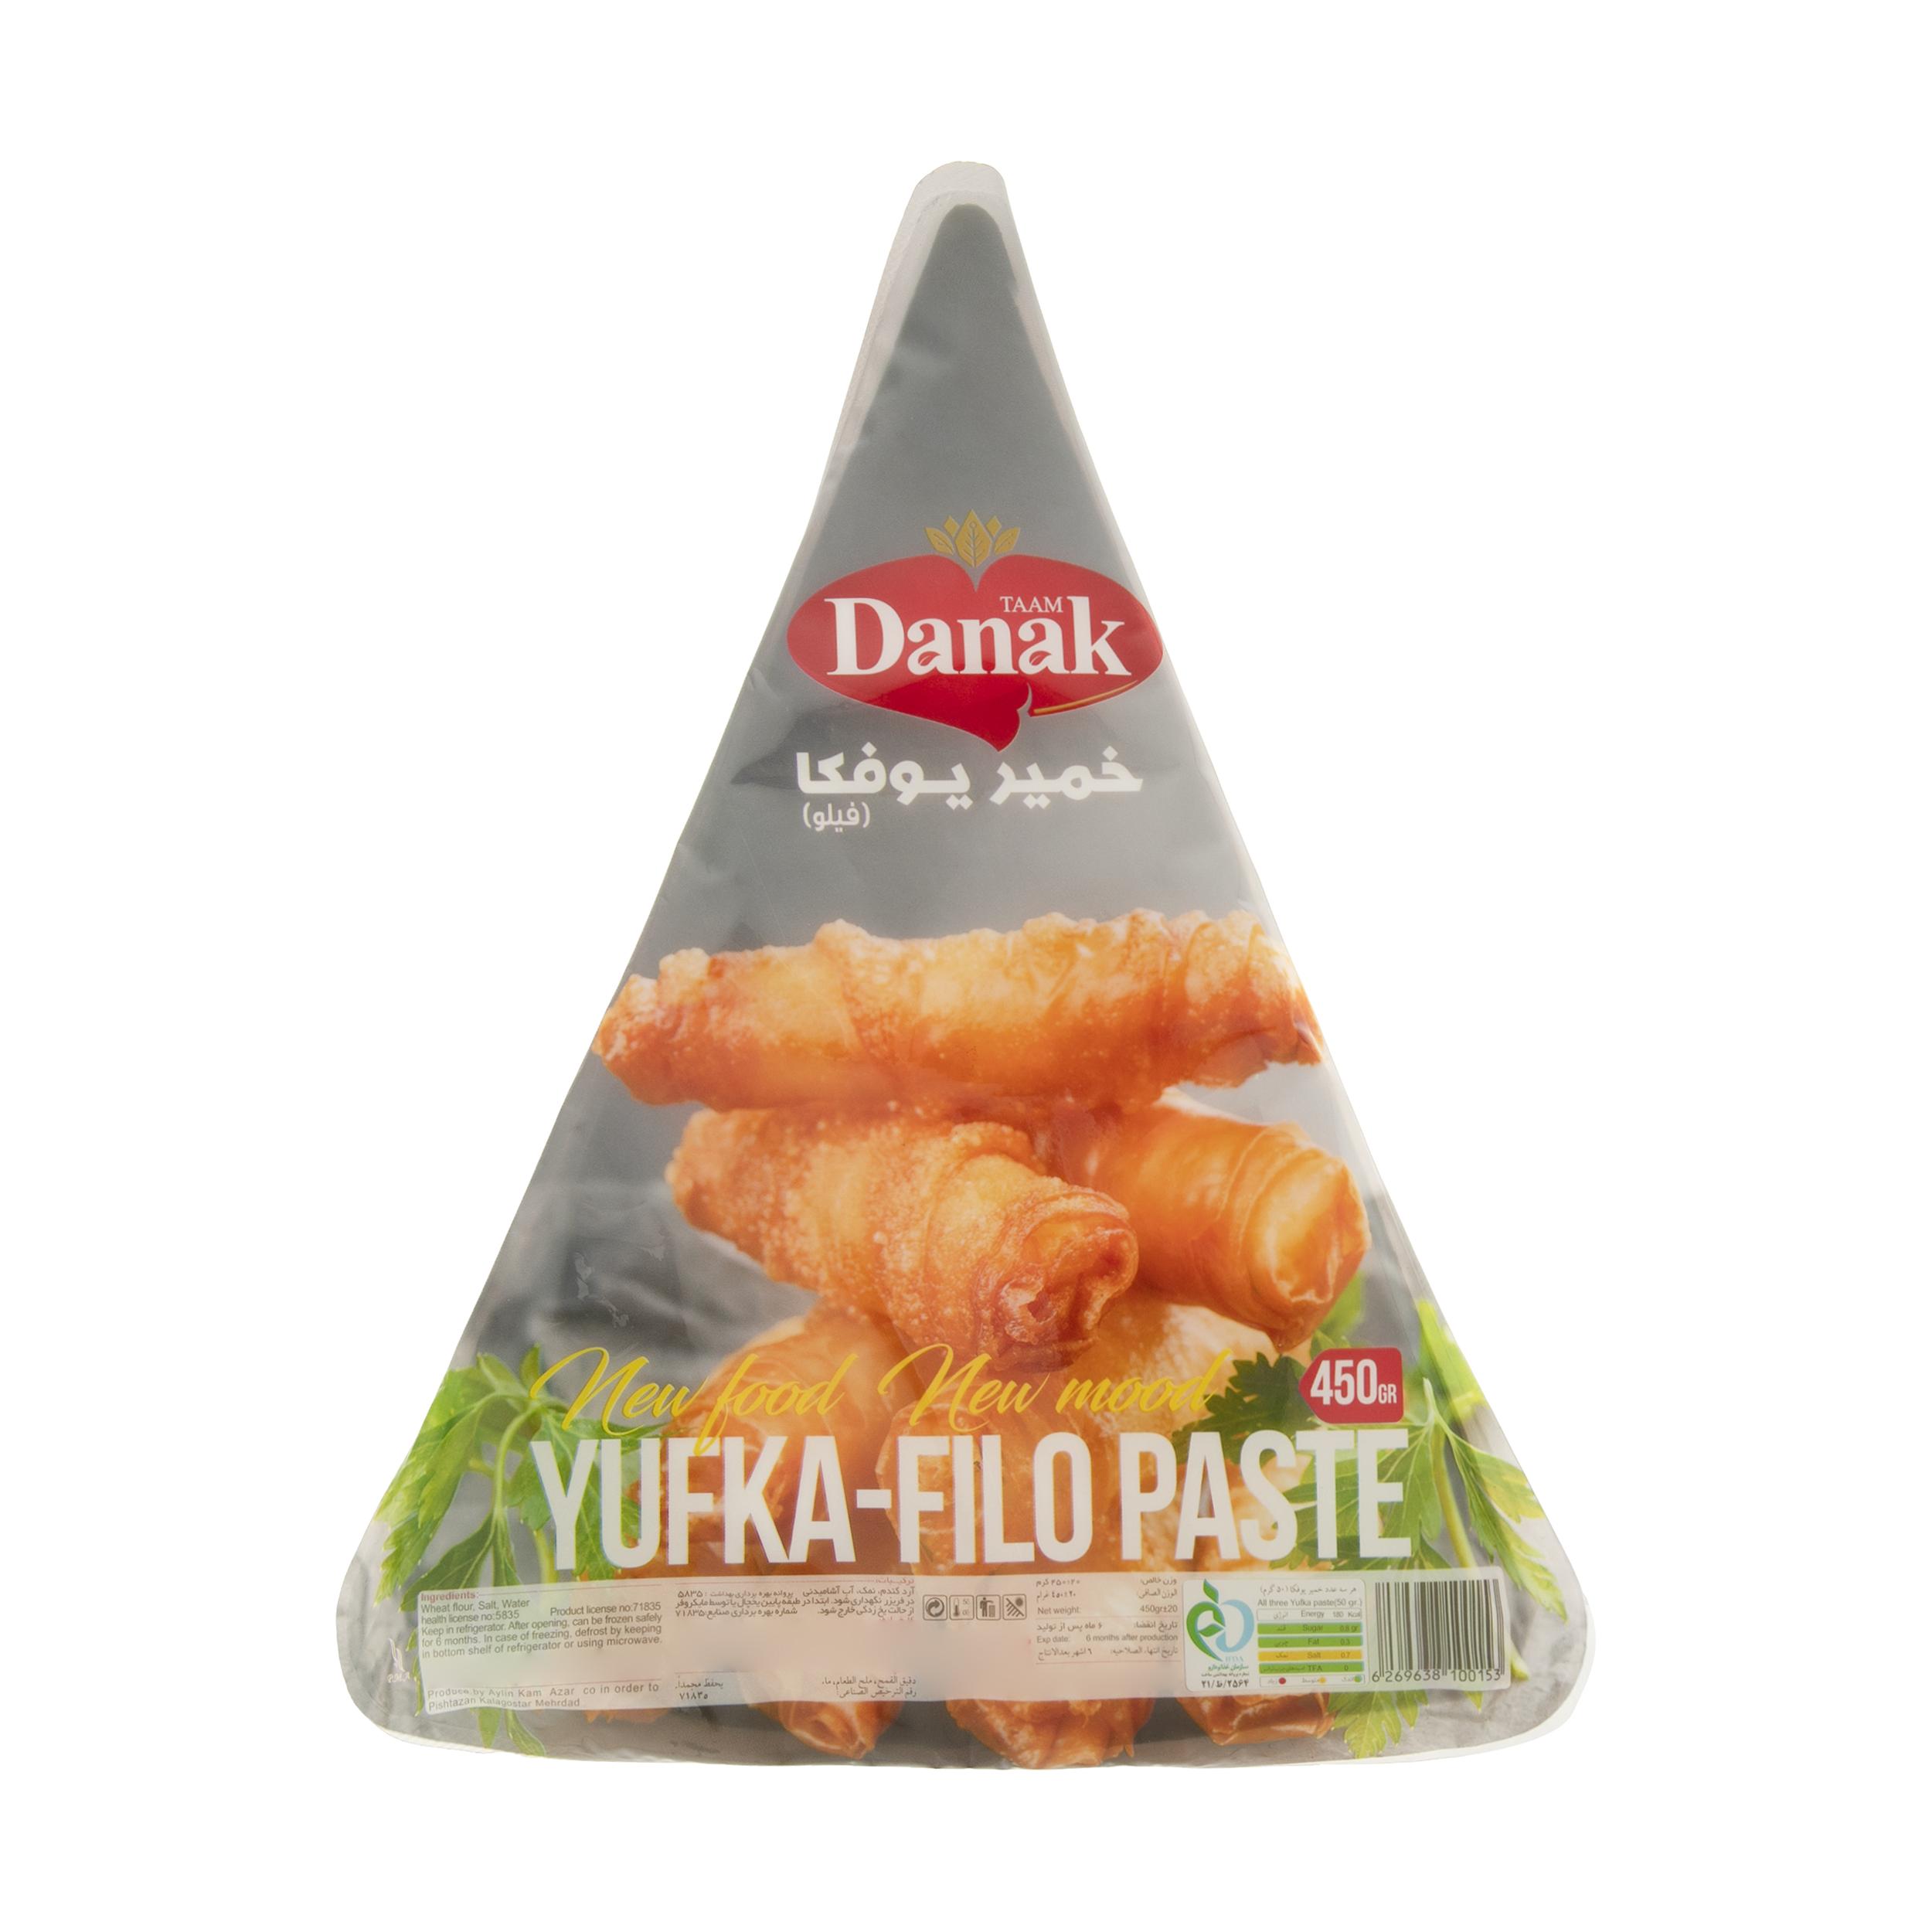 خمیر یوفکا مثلثی داناک - 450 گرم